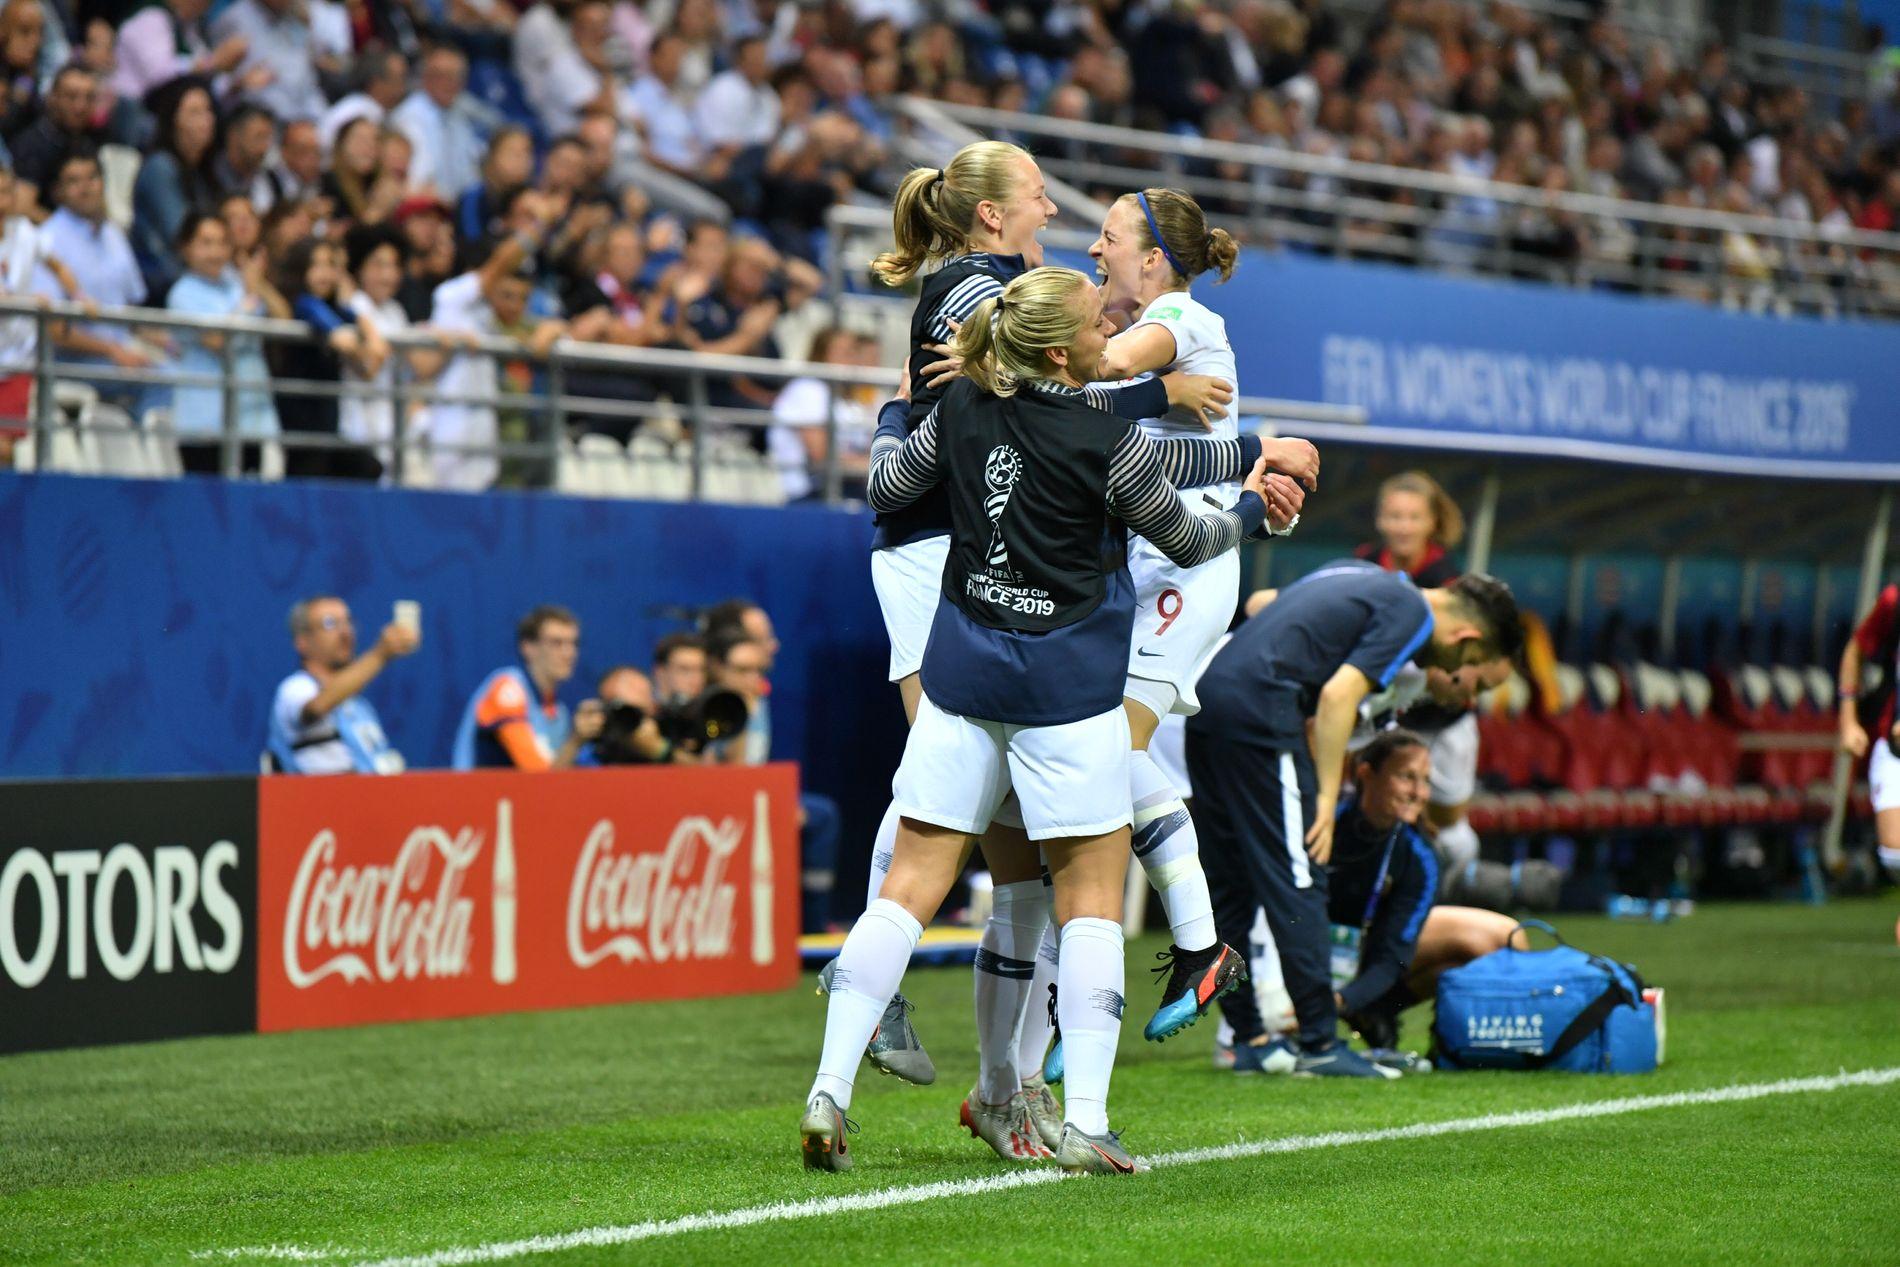 LETTELSE: Isabell Herlovsen og de norske spillerne feirer etter 2–0-scoringen tidlig i 2. omgang.